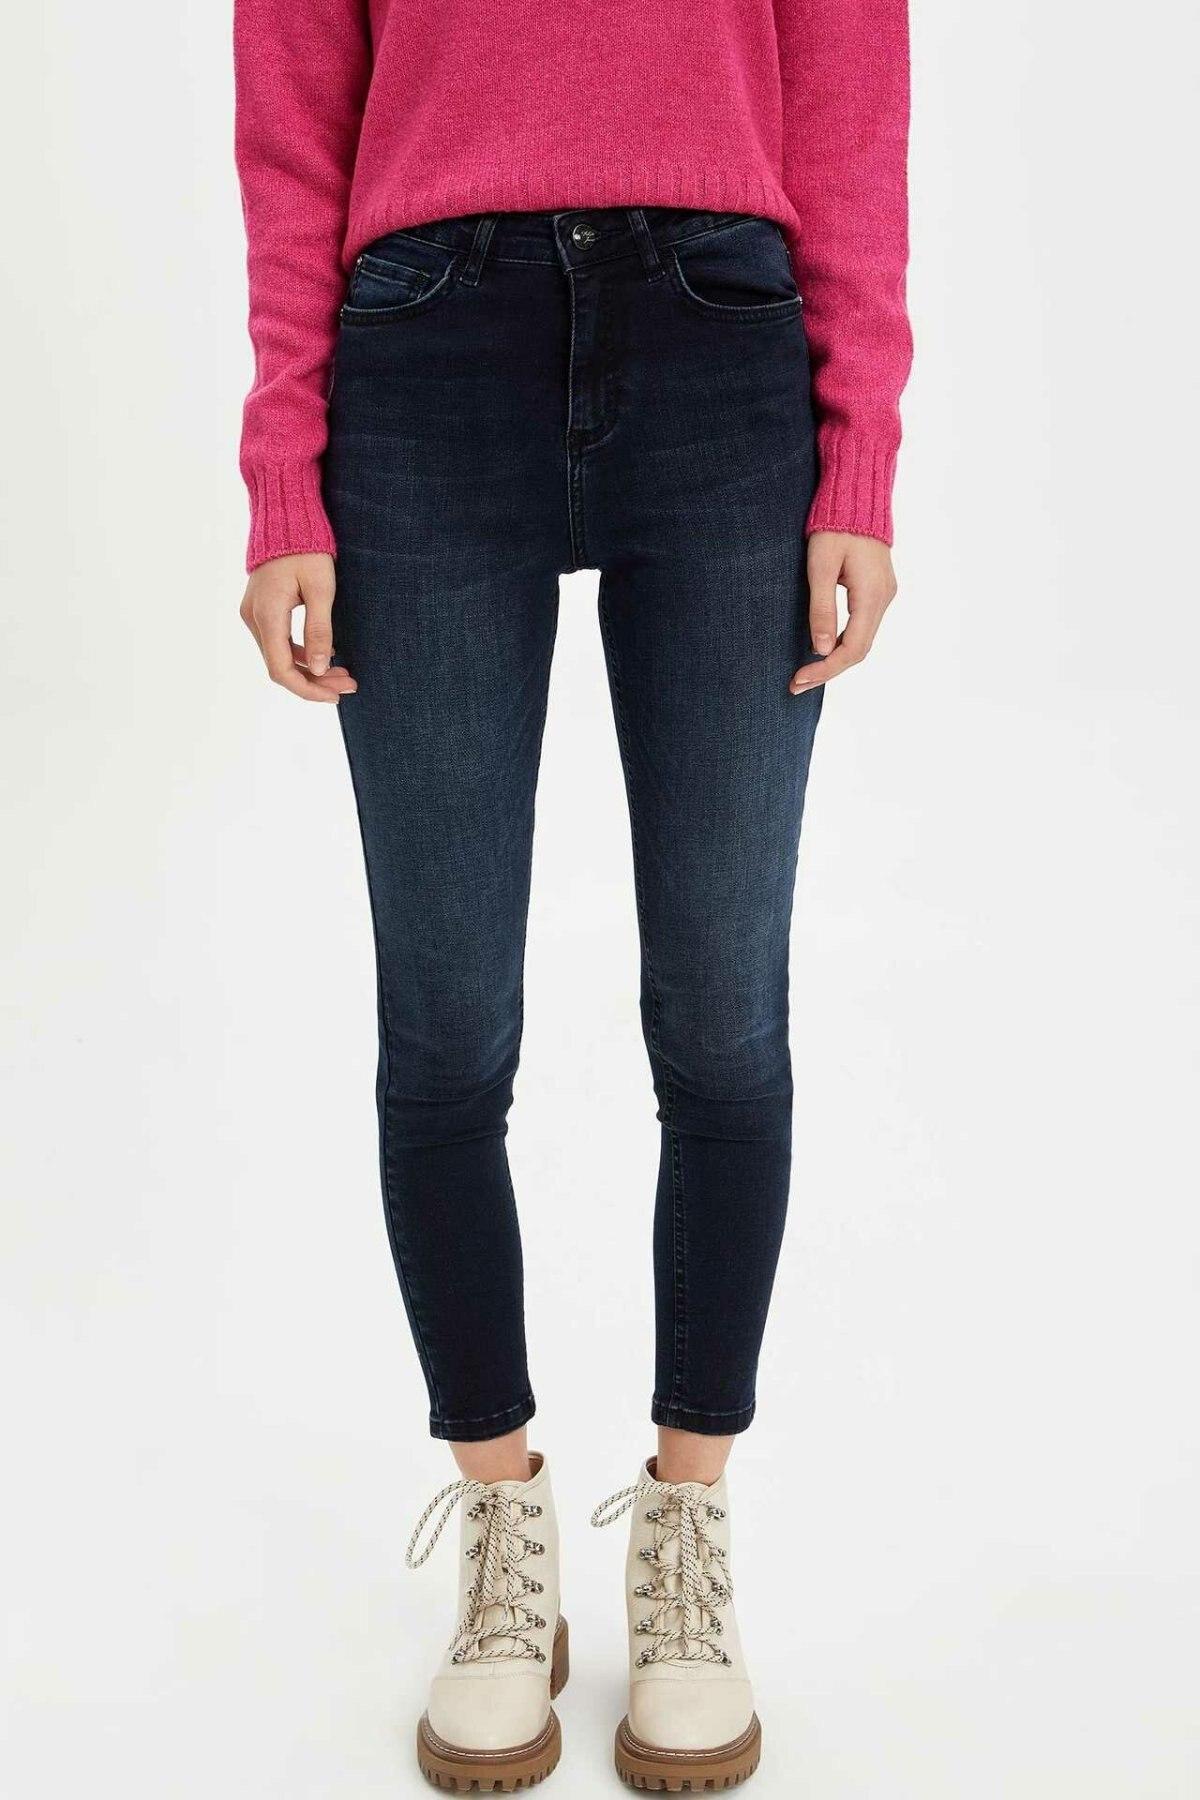 DeFacto Woman Autumn Slim Blue Denim Jeans Women Casual Mid-wasit Fit Skinny Jeans Lady Denim Bottom Trousers-L7137AZ19AU